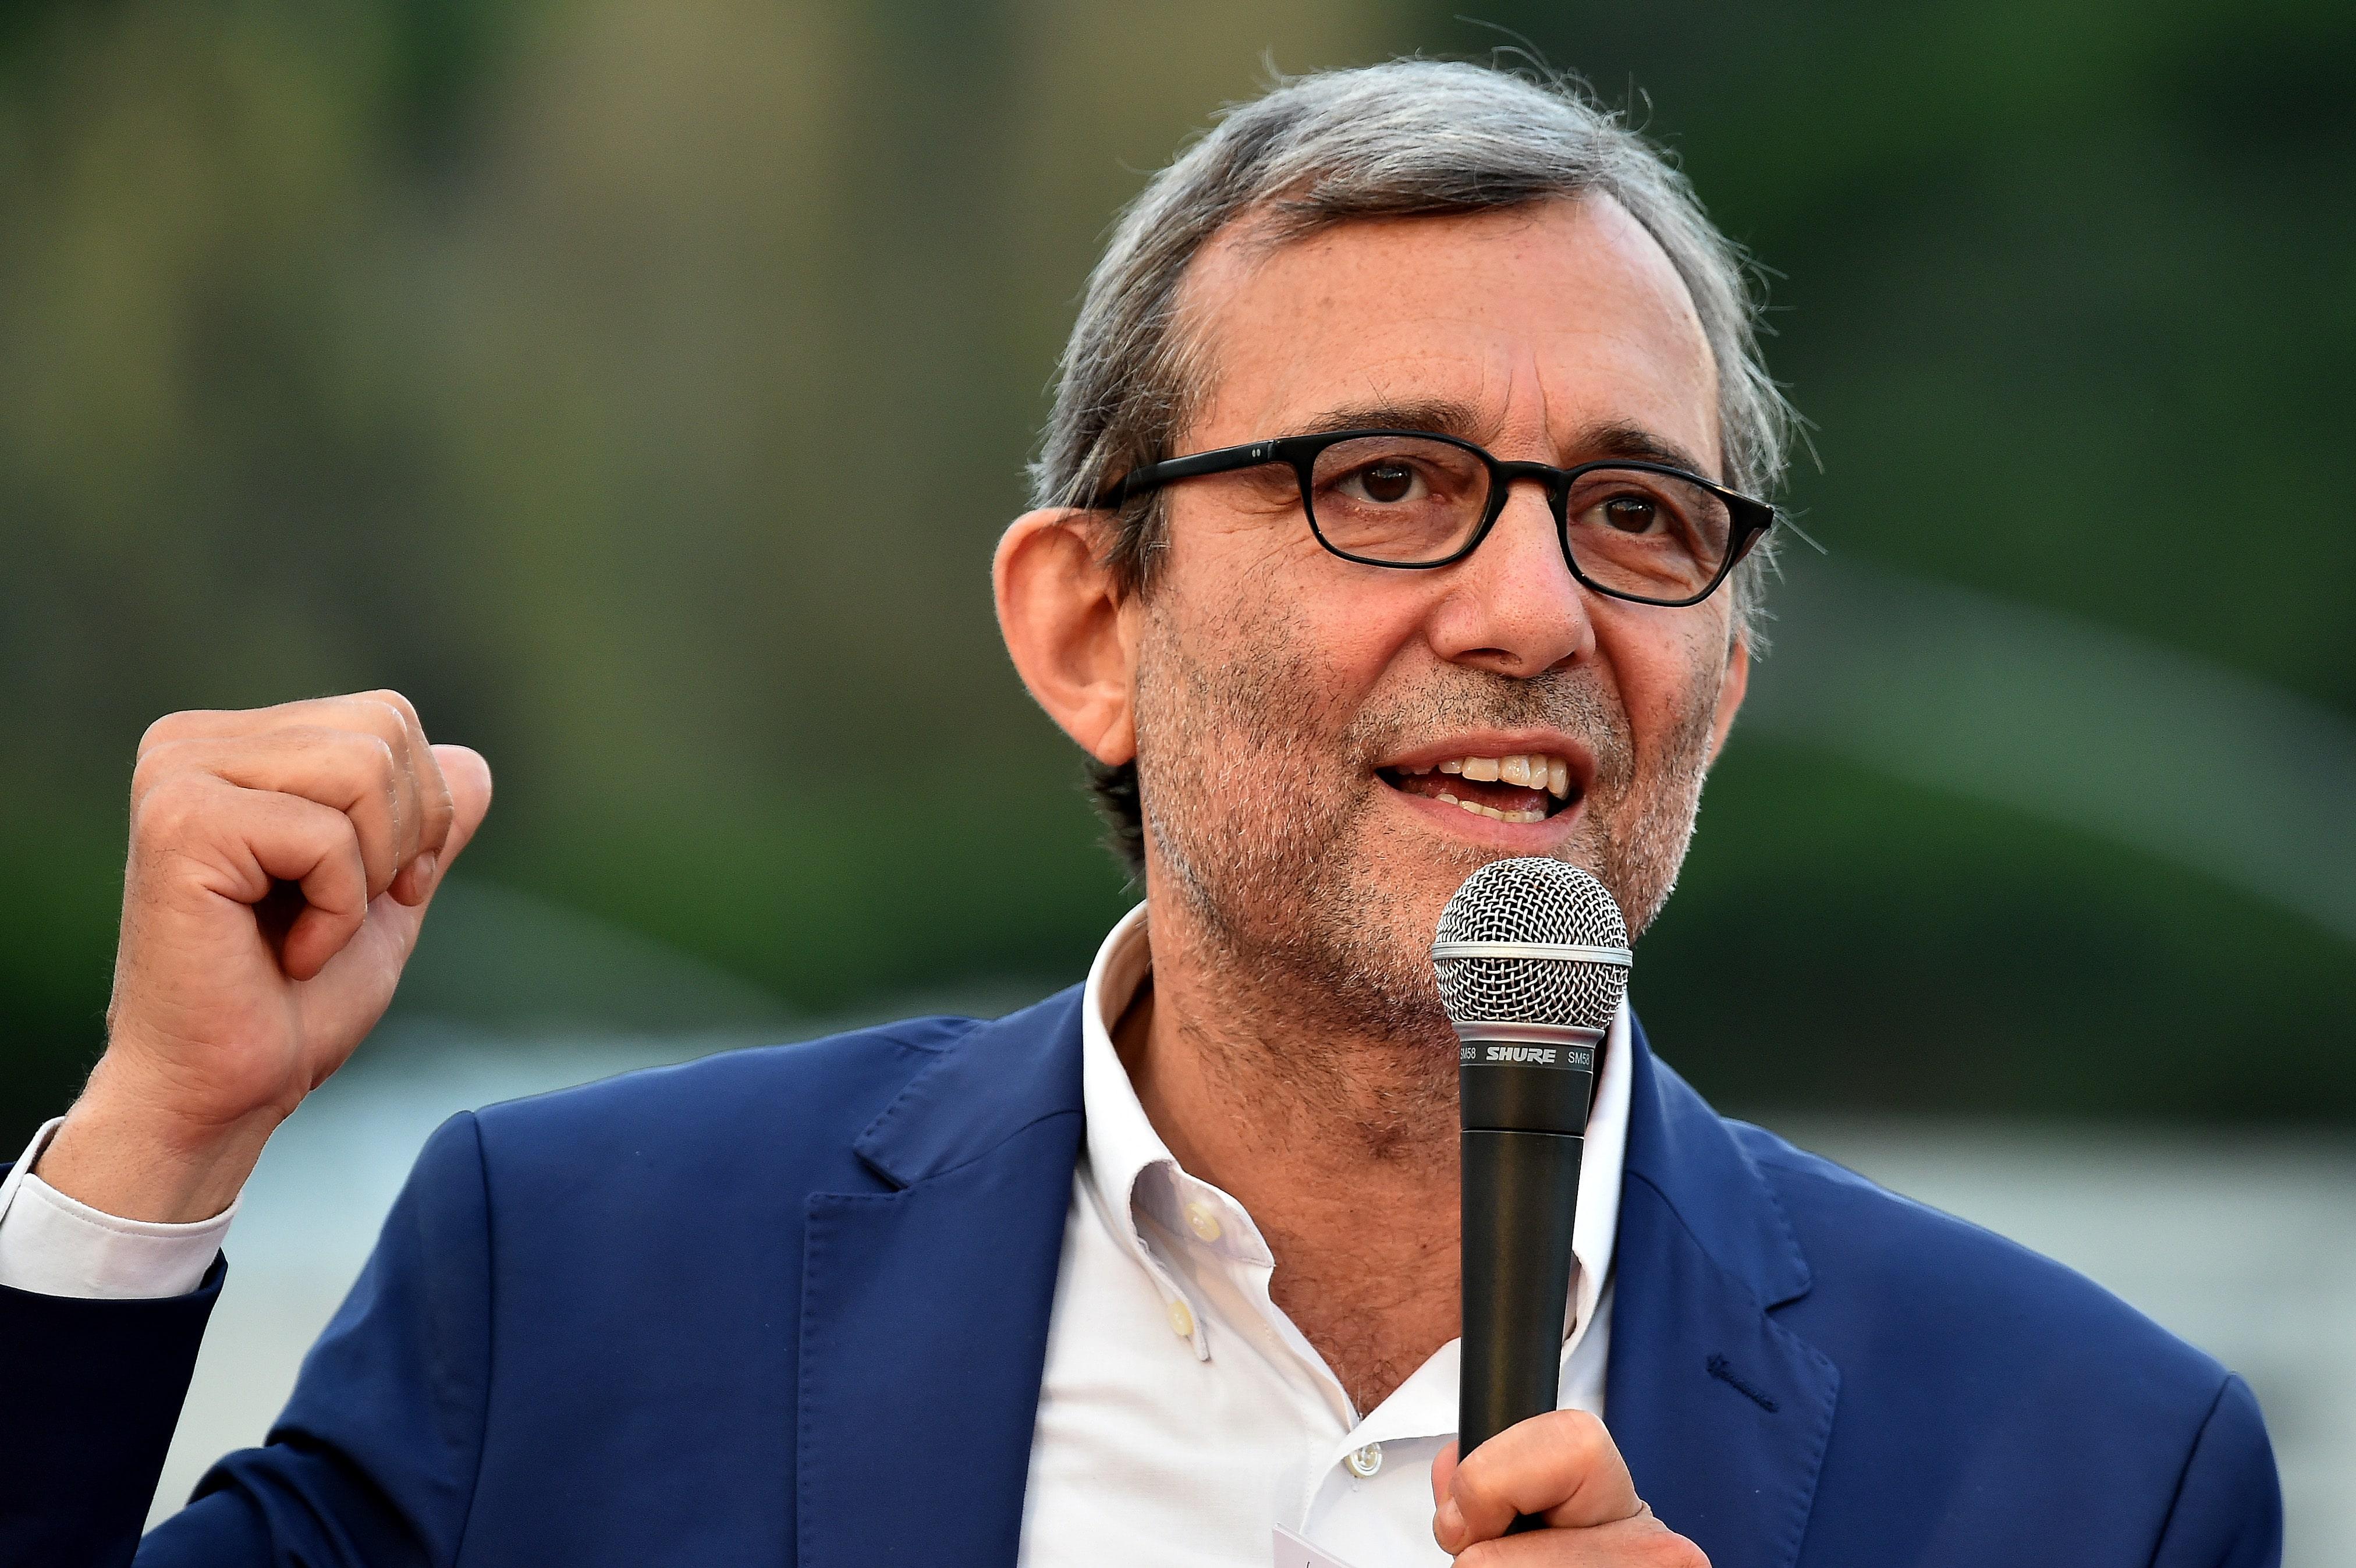 Giachetti contro Emiliano: «Ha lavorato per distruggere il Pd» BRAVO PANE AL PANE E VINO AL VINO.